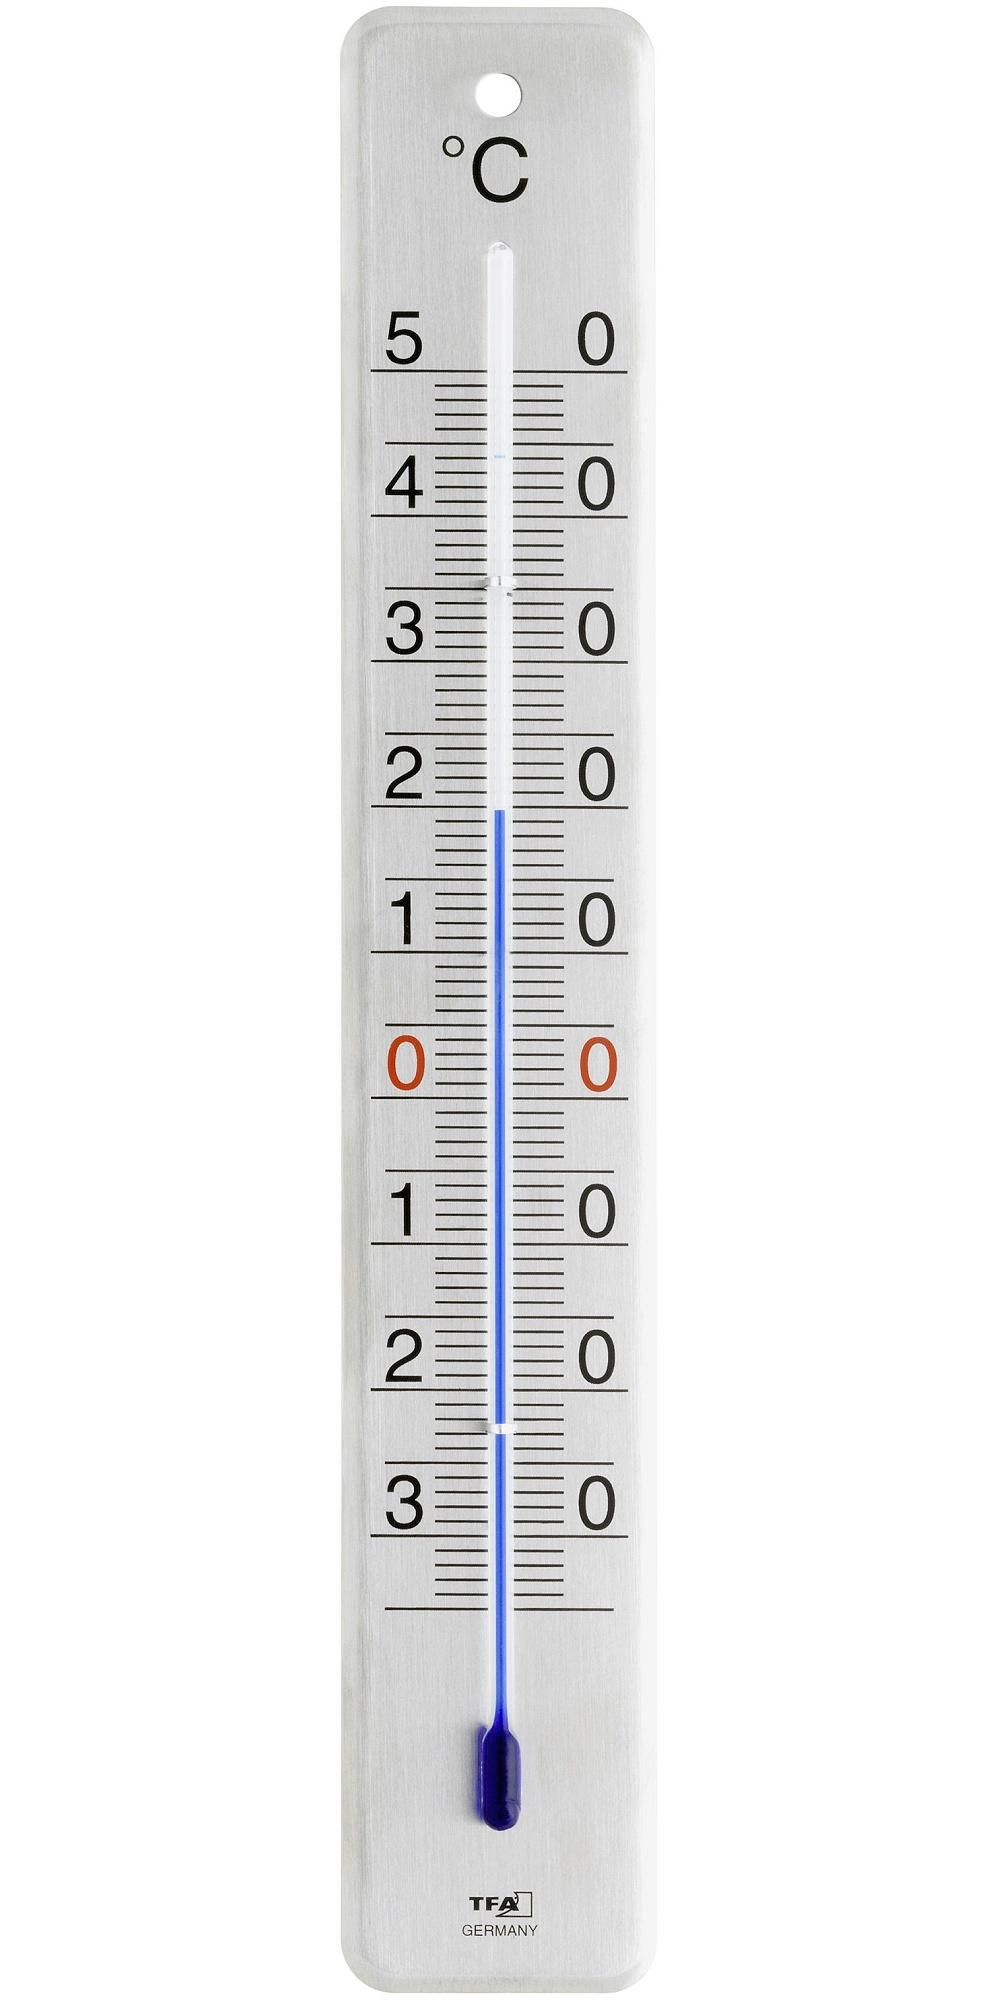 TFA Dostmann Kapalinový nerezový teploměr TFA 12.2046.61